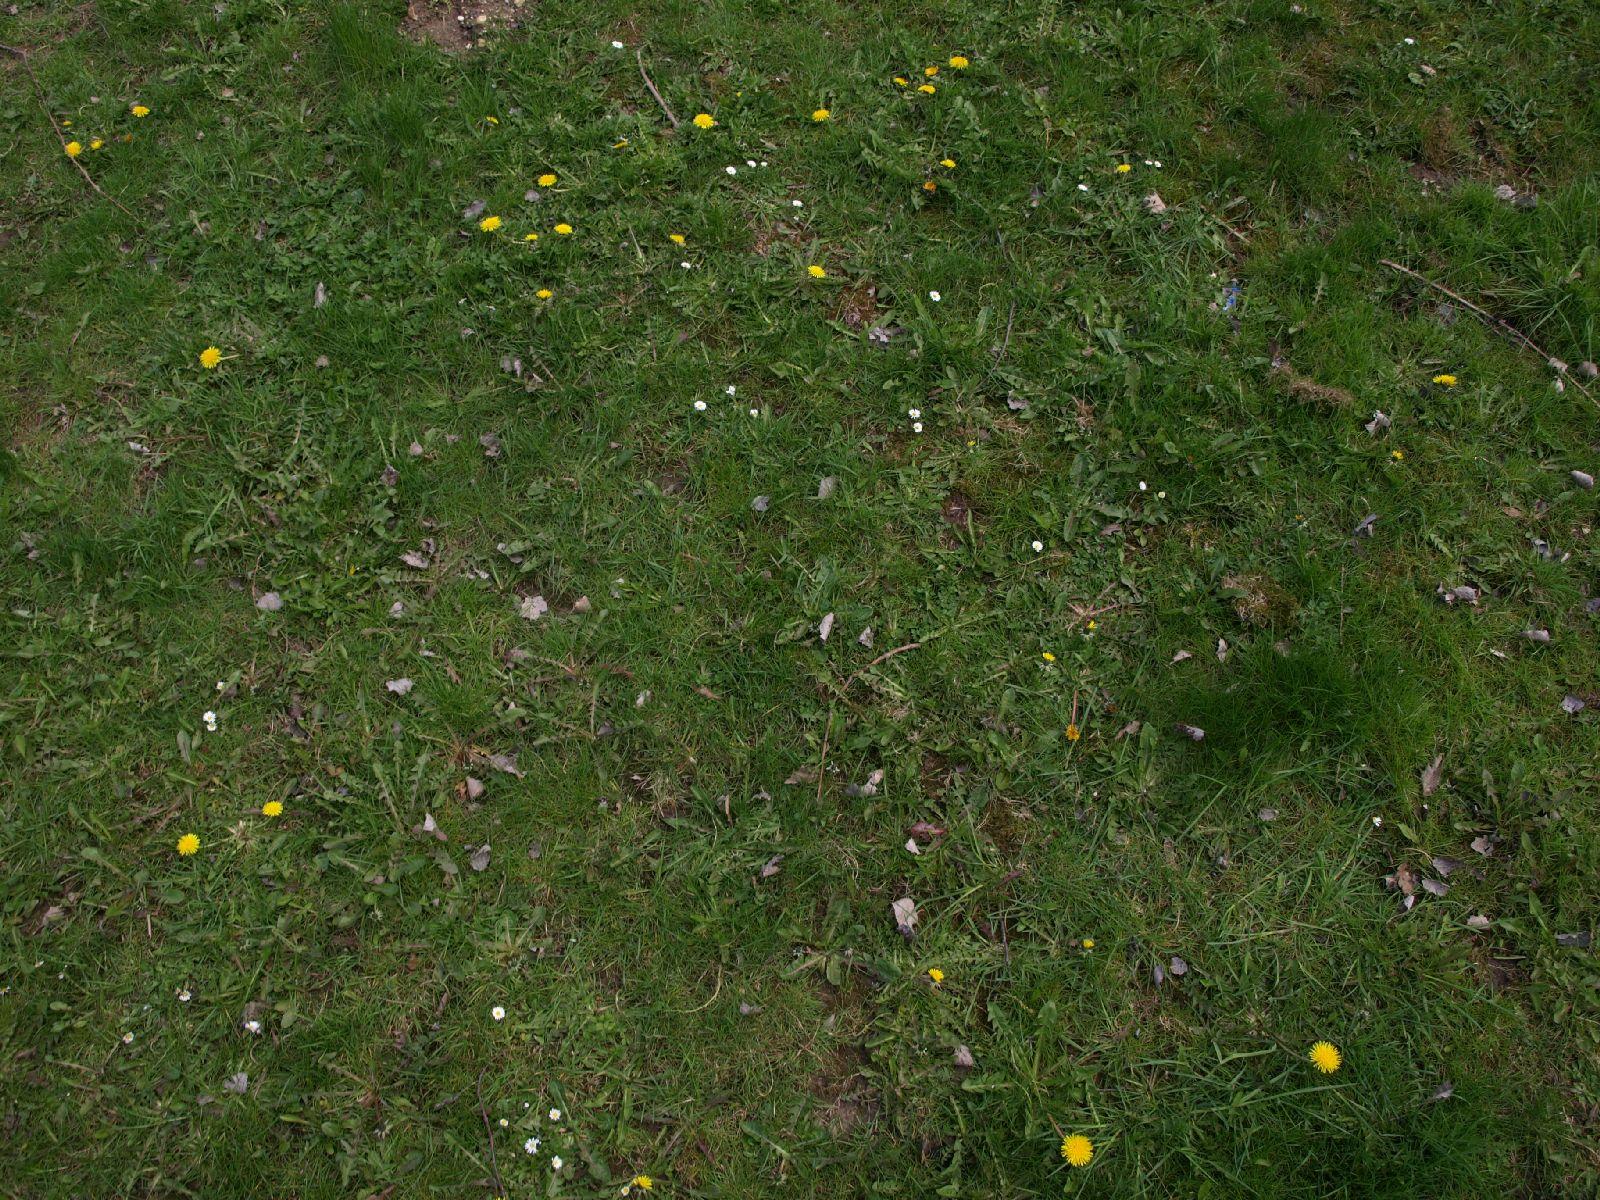 Boden-Gras-Moos-Blumen_Textur_A_P4171319